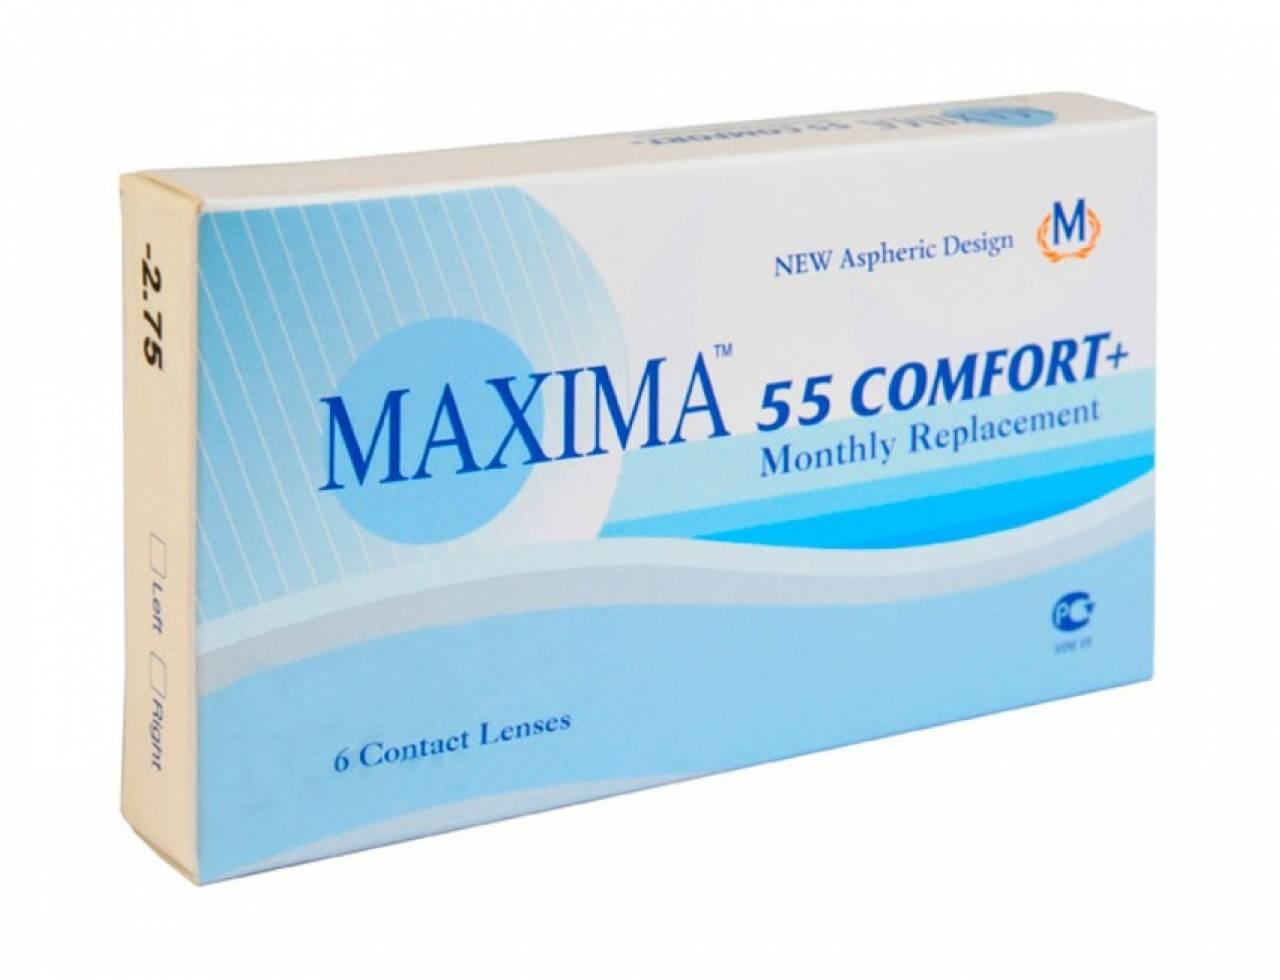 Месячные контактные линзы Maxima 55 Comfort+ - Фото №7